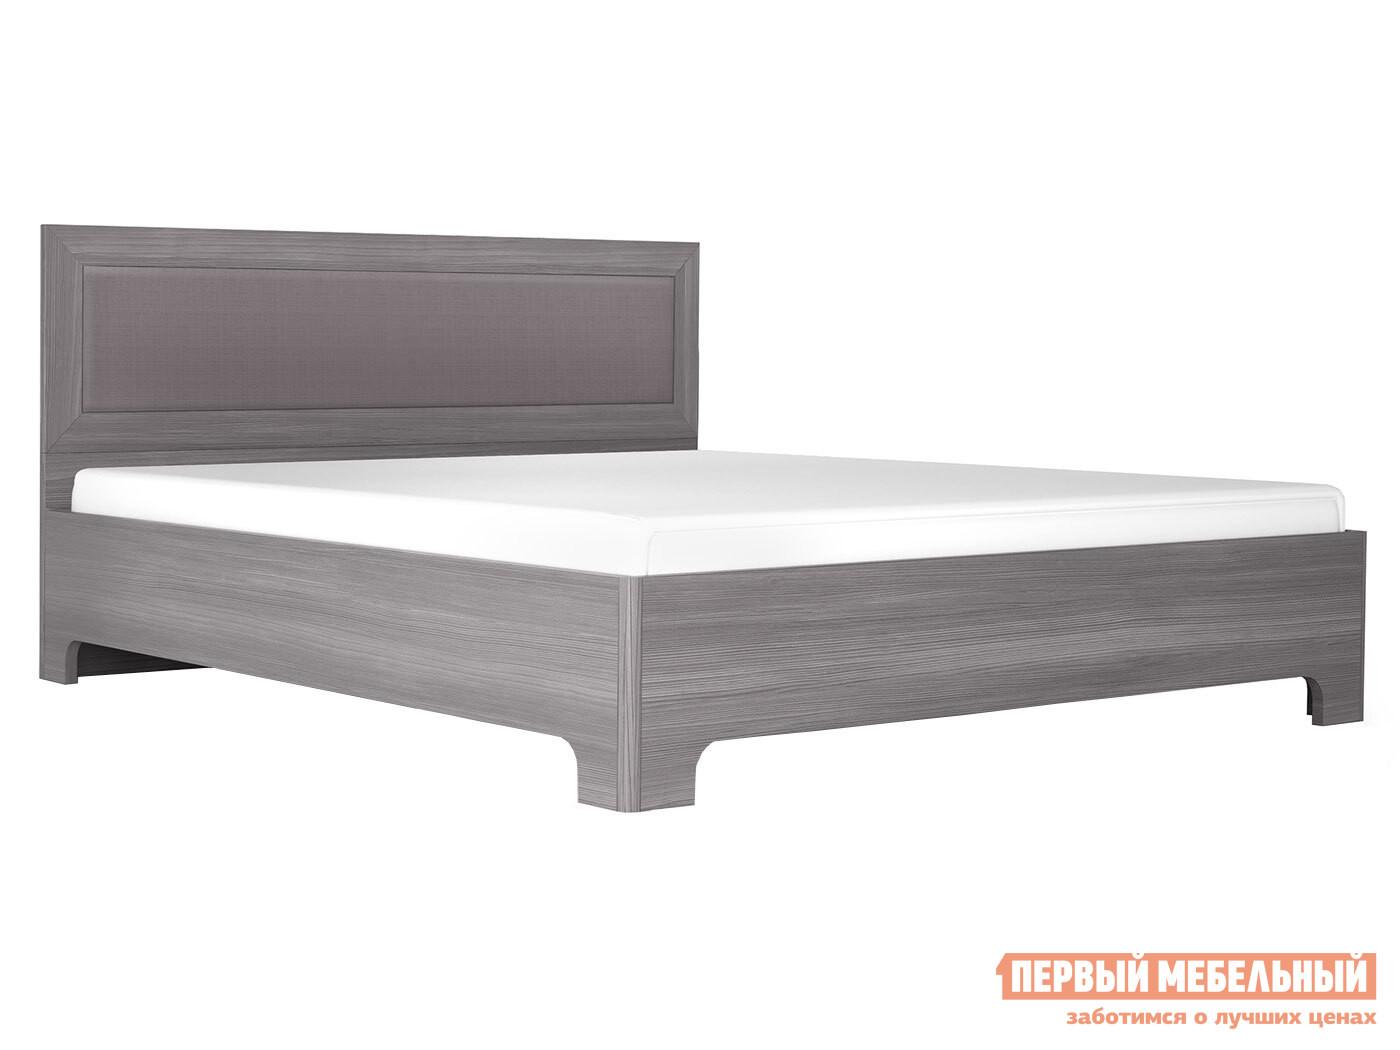 Кровать Первый Мебельный Кровать Парма Нео 1